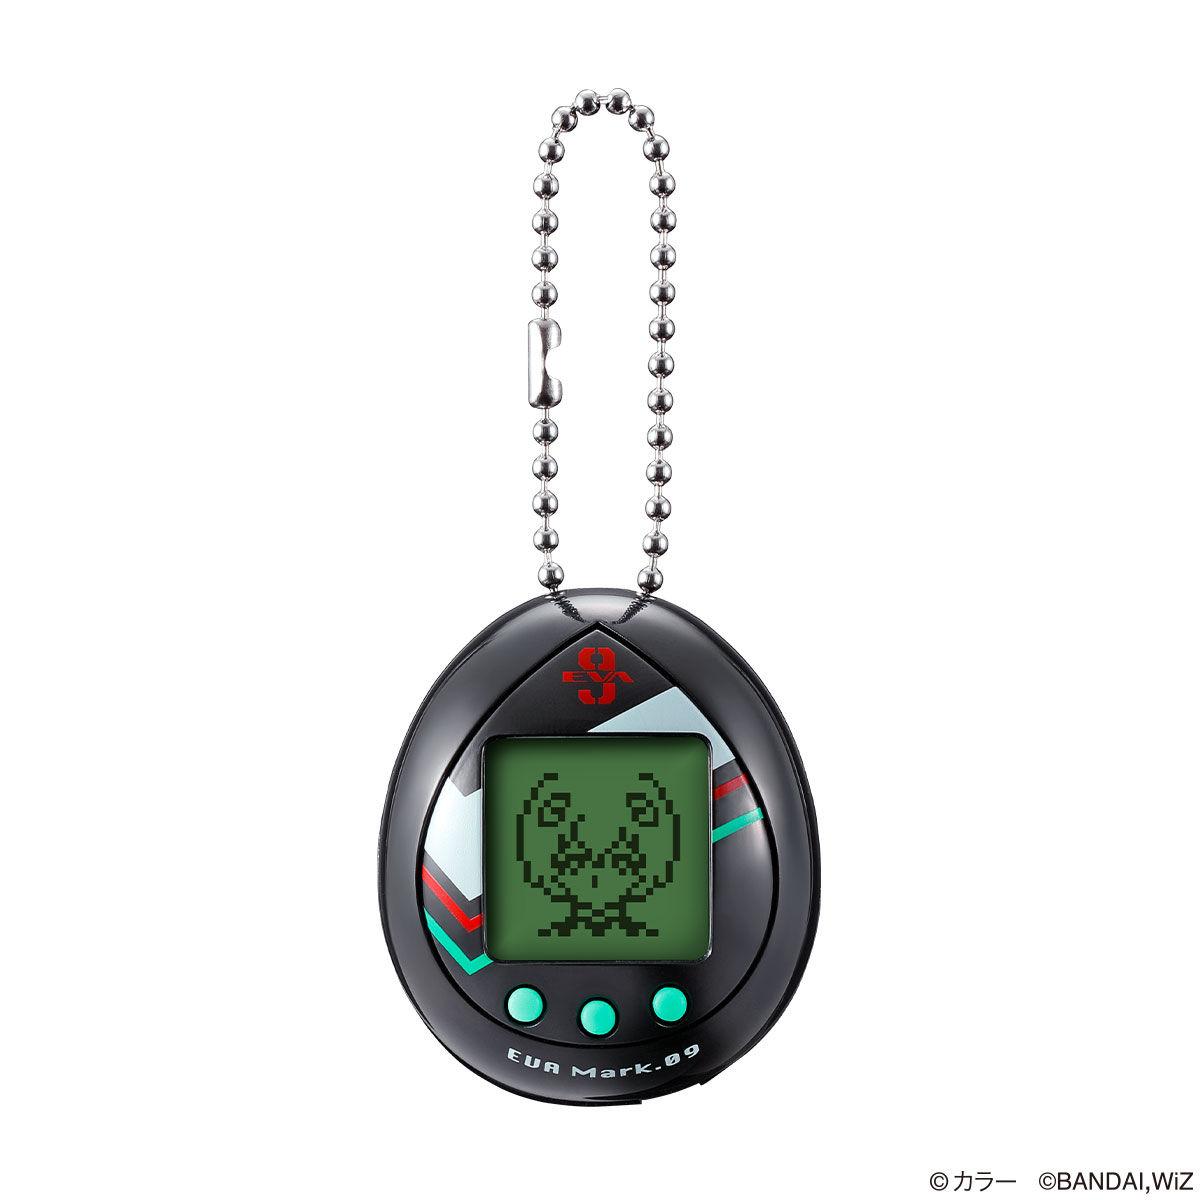 汎用卵型決戦兵器 エヴァっち アヤナミレイ(仮称)モデル